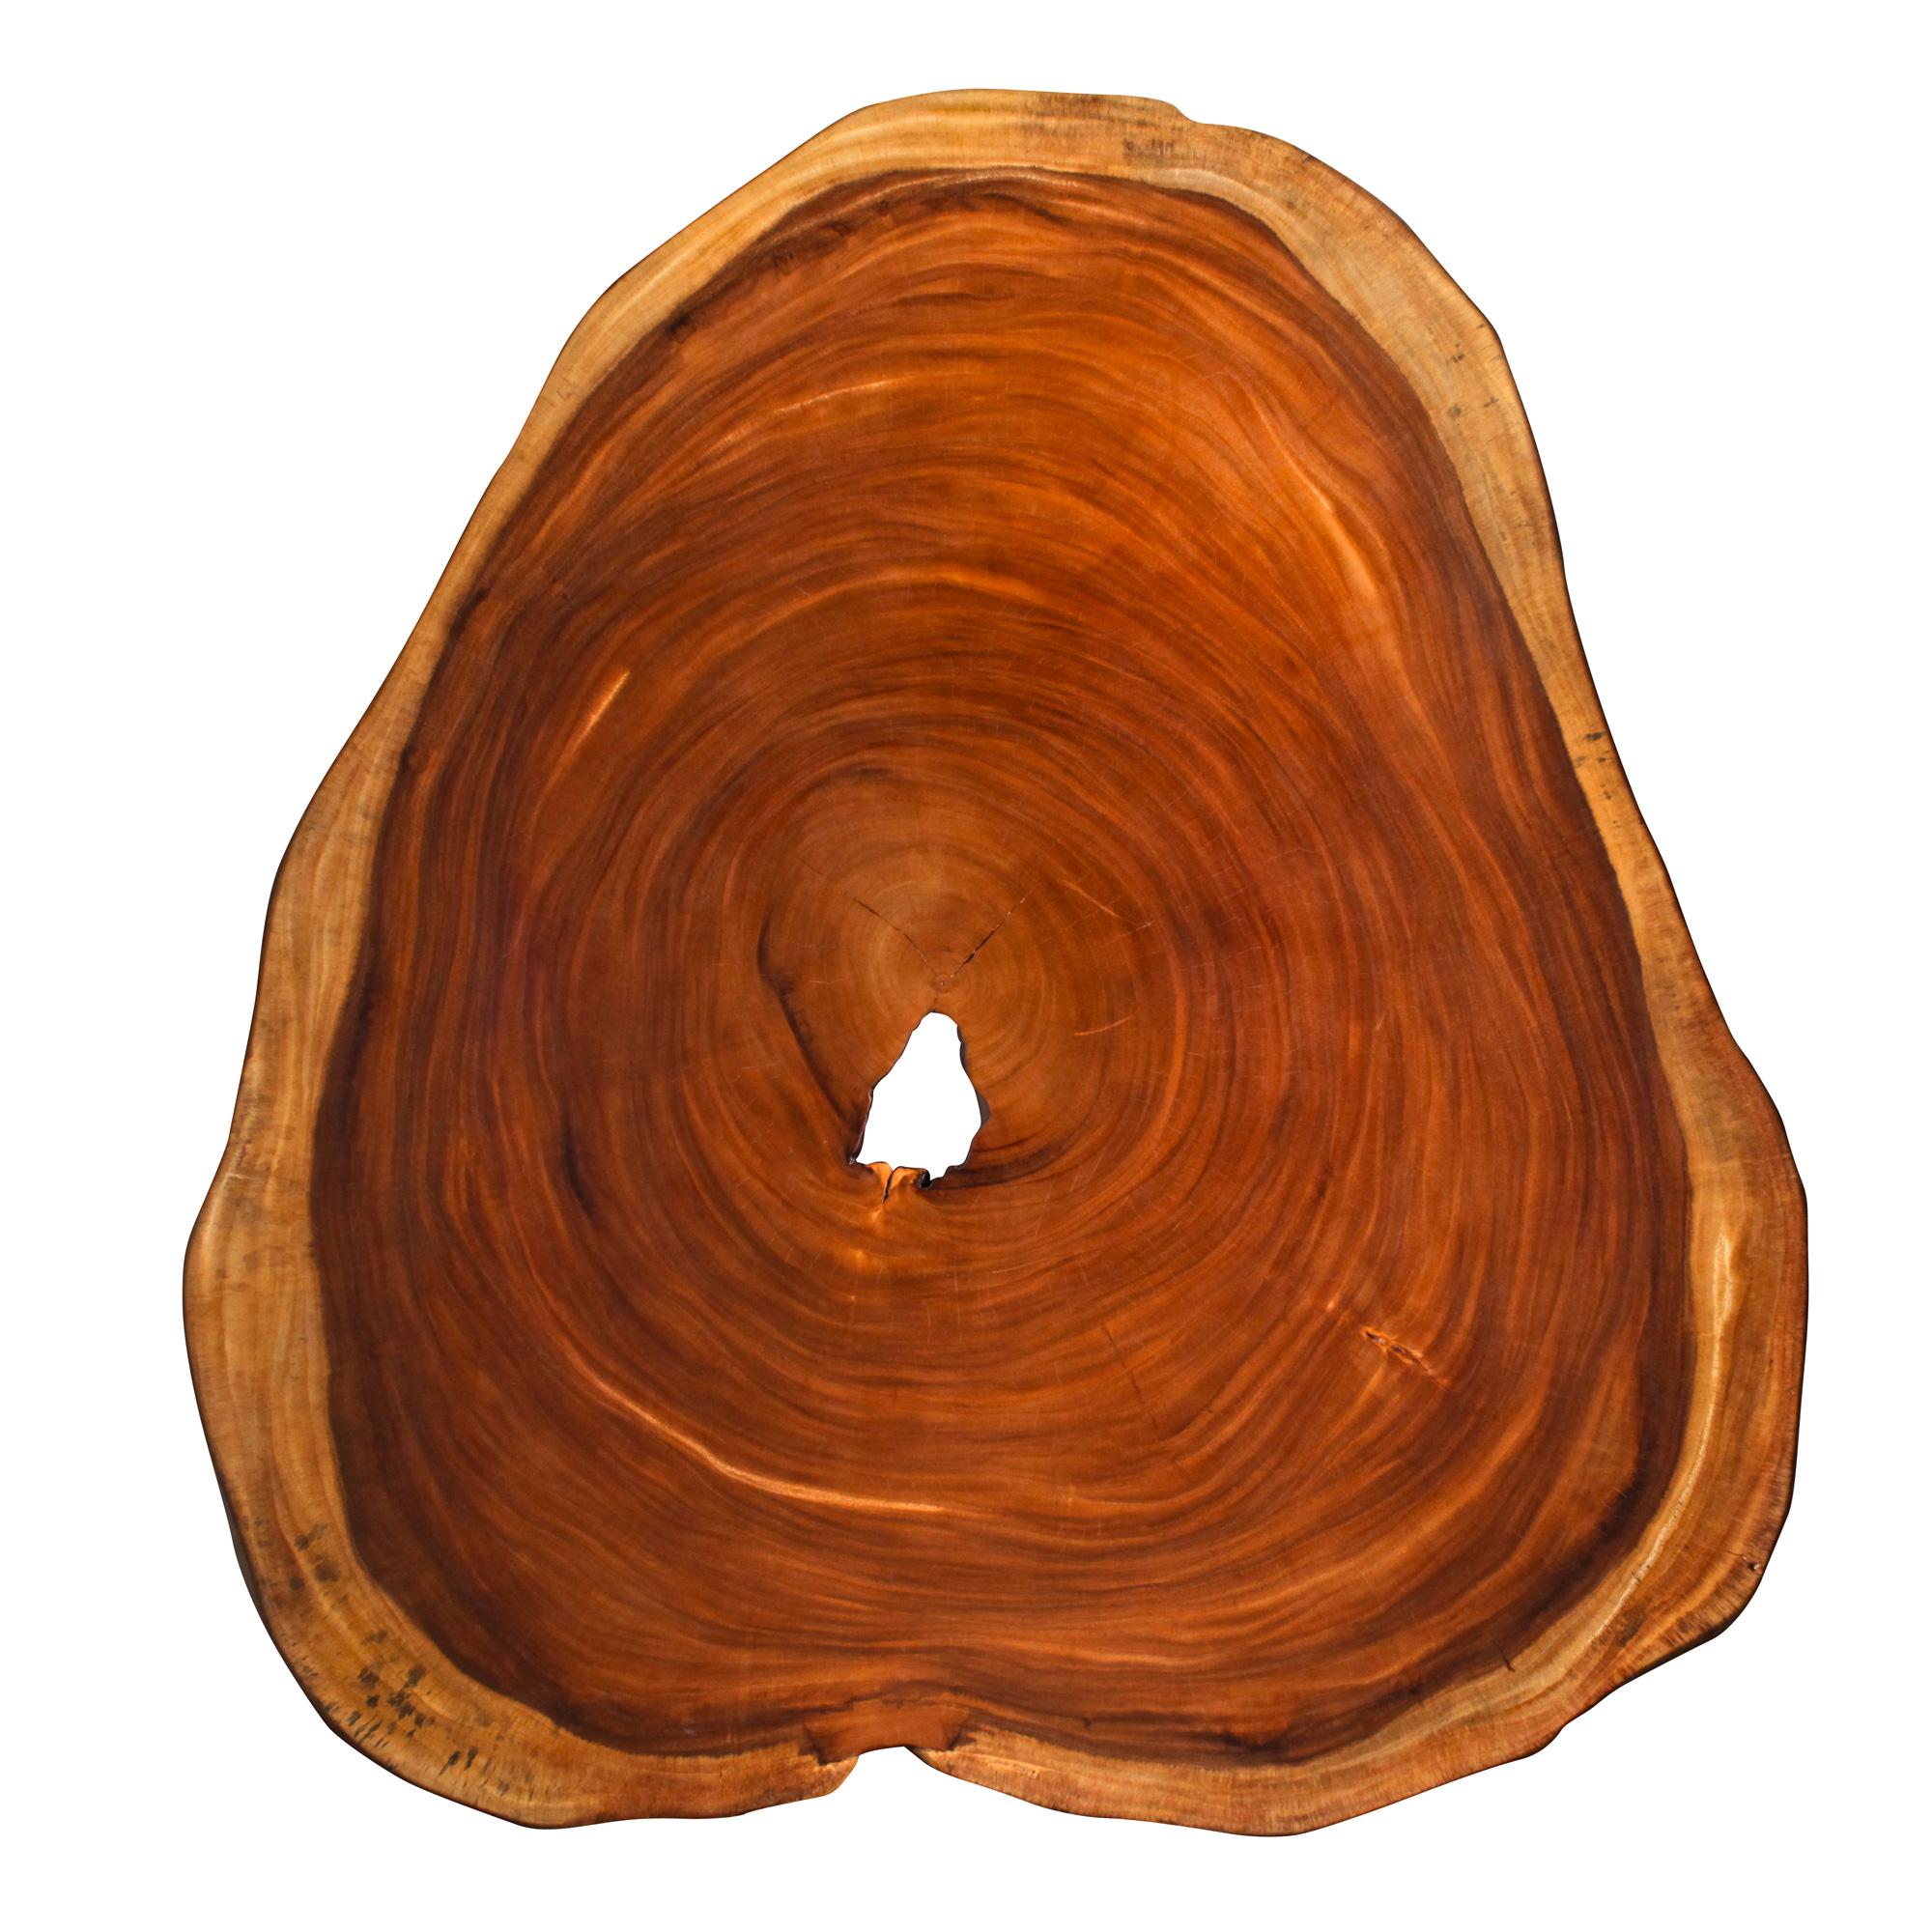 Saman Natural Wood Art - R1